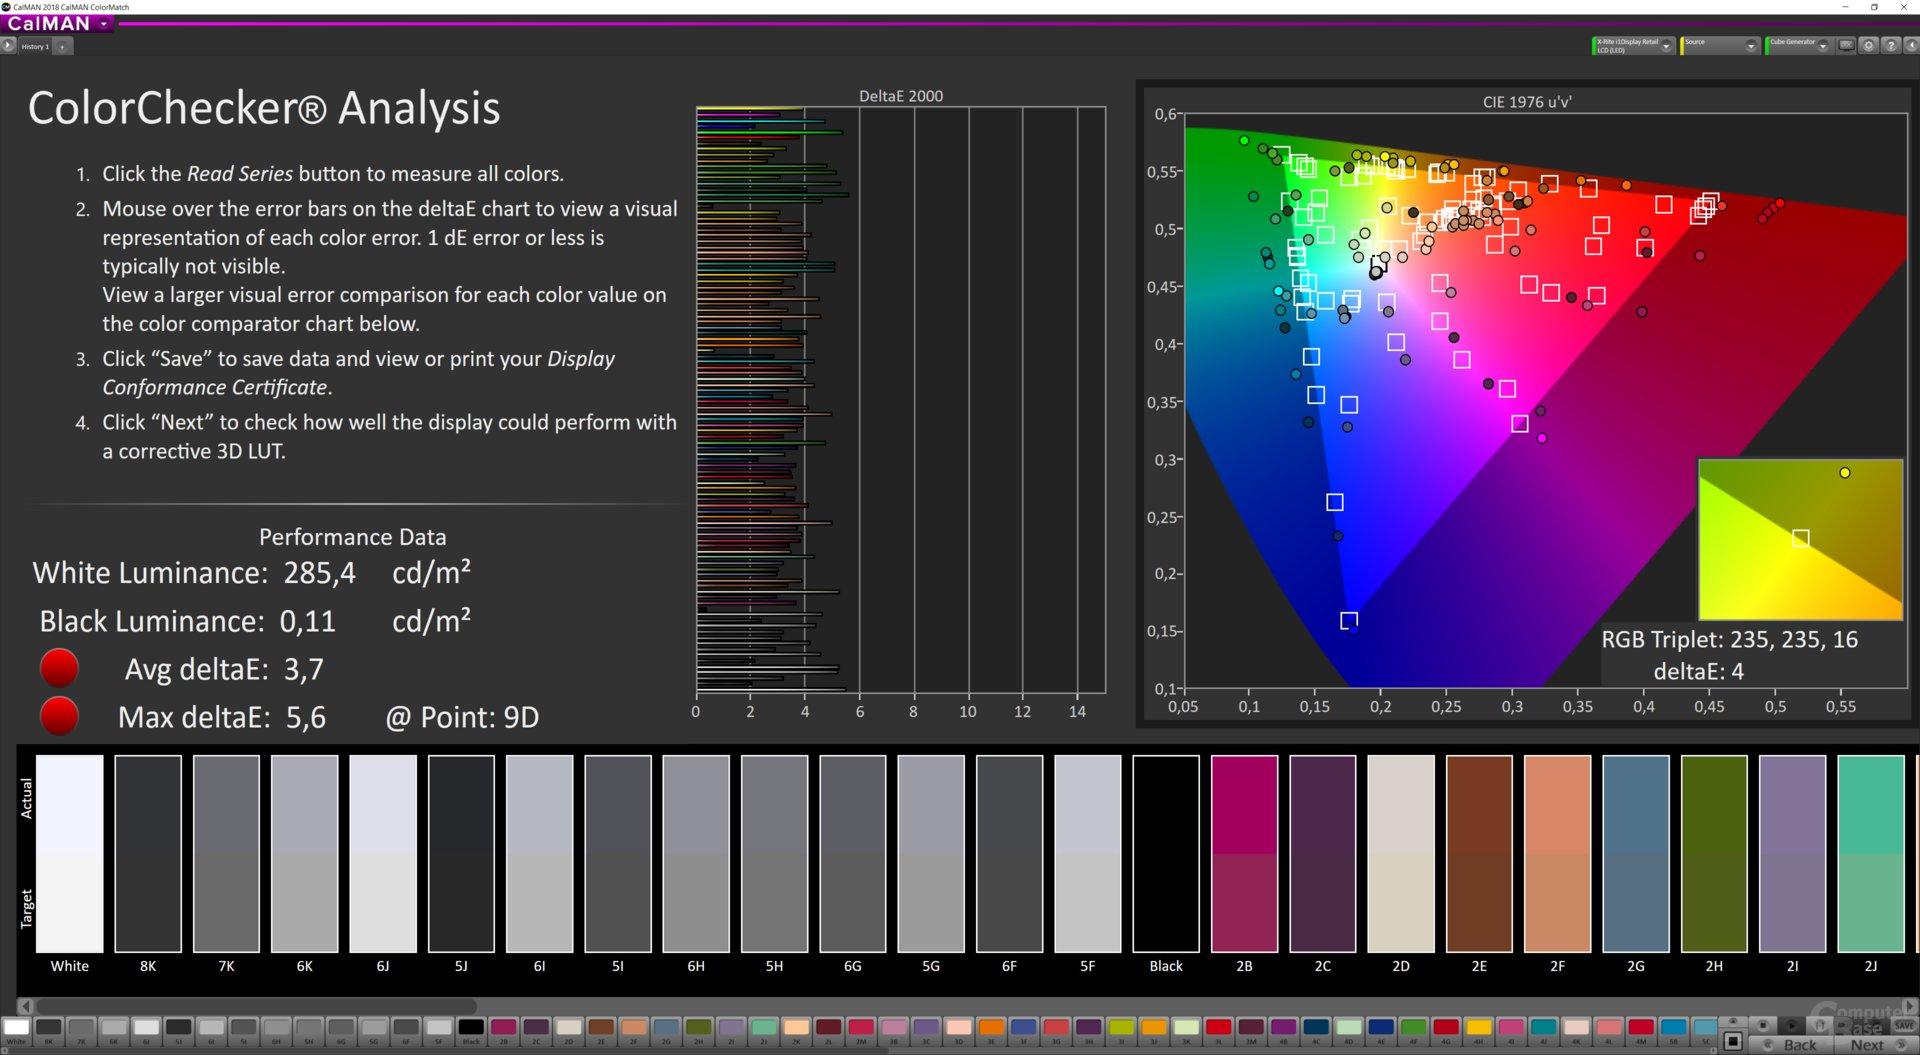 ViewSonic XG3220 - sRGB-Profil – nachjustiert